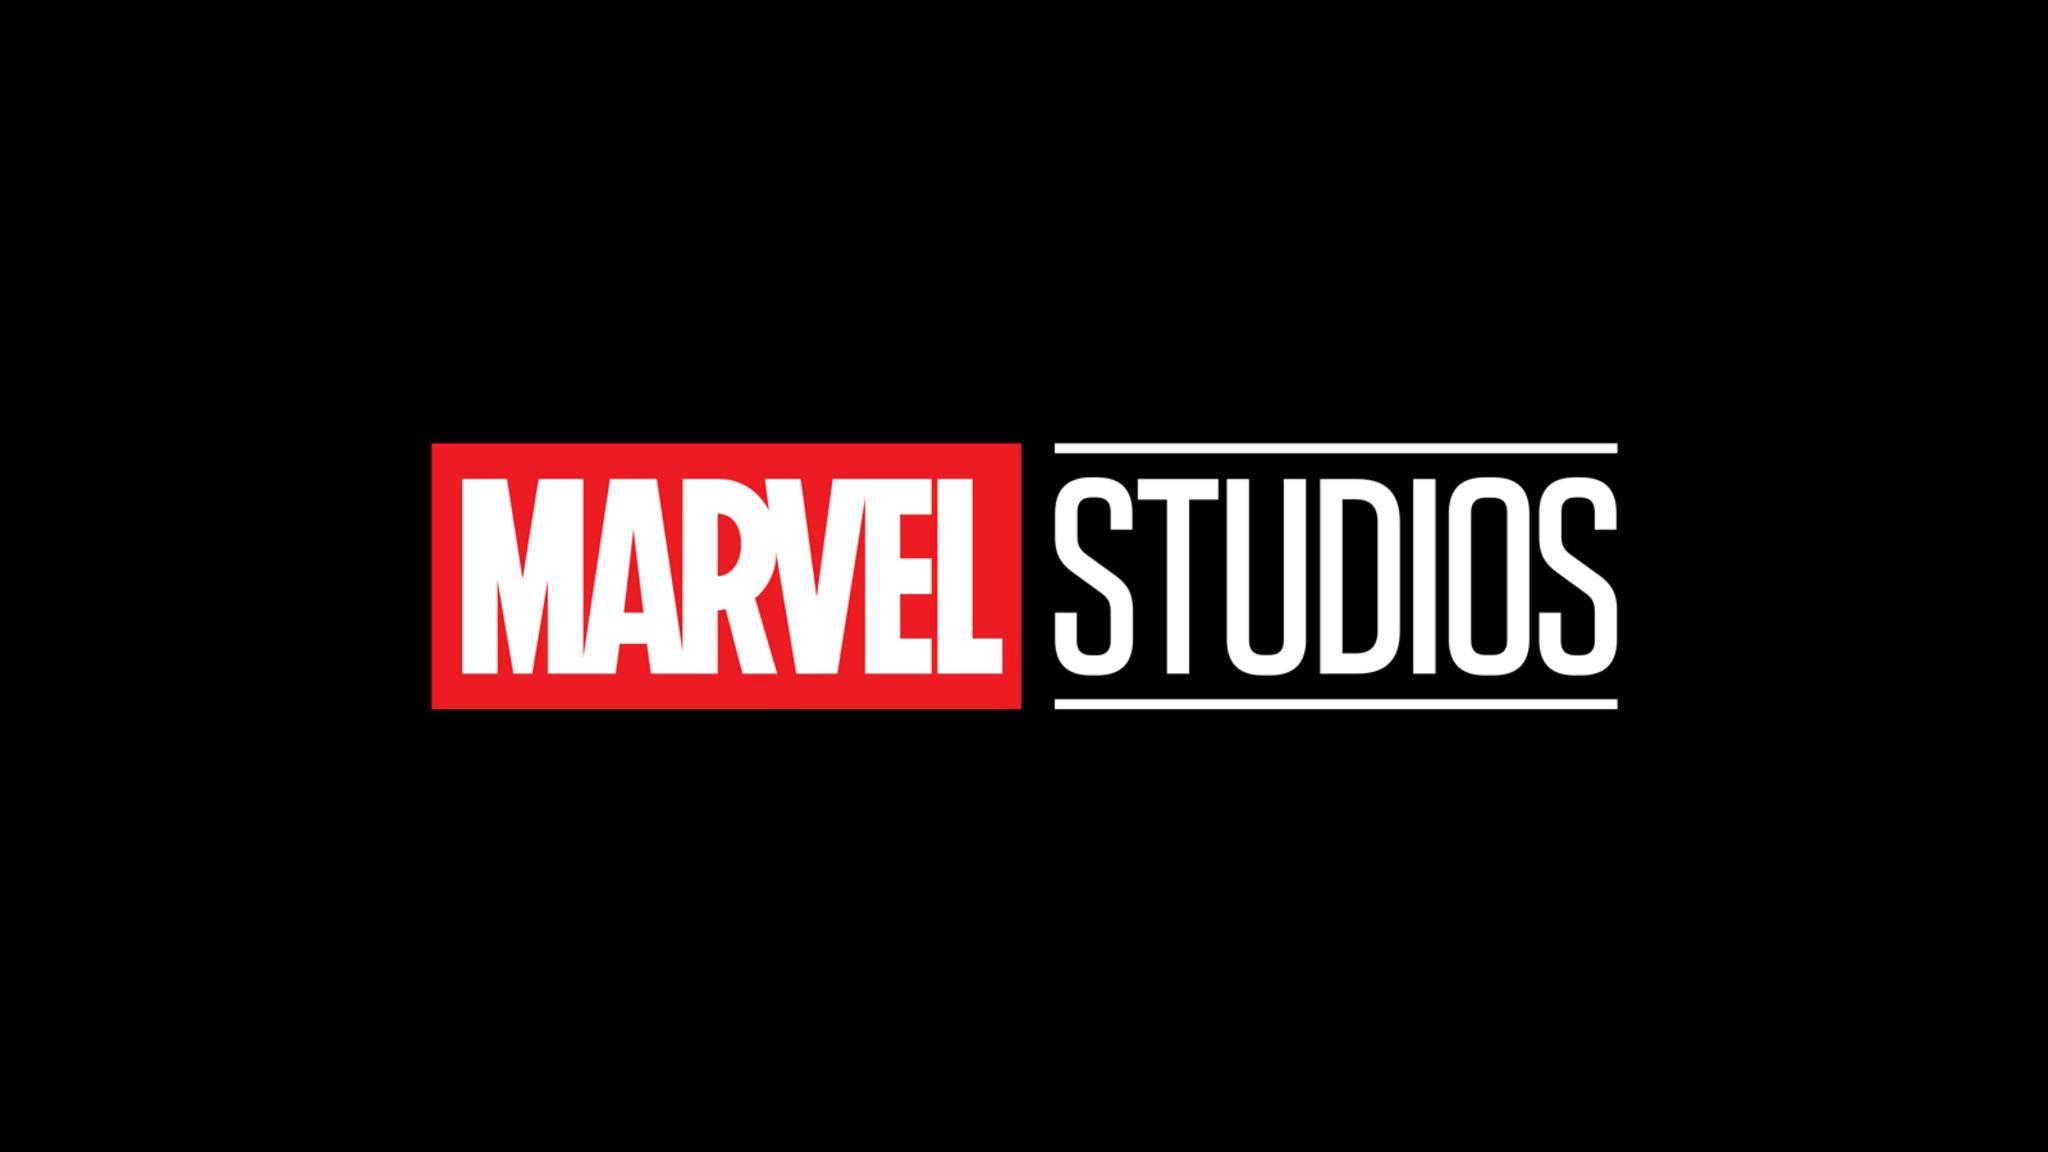 Die Marvel Studios greifen wahrlich nach den (Hollywood-)Sternen.